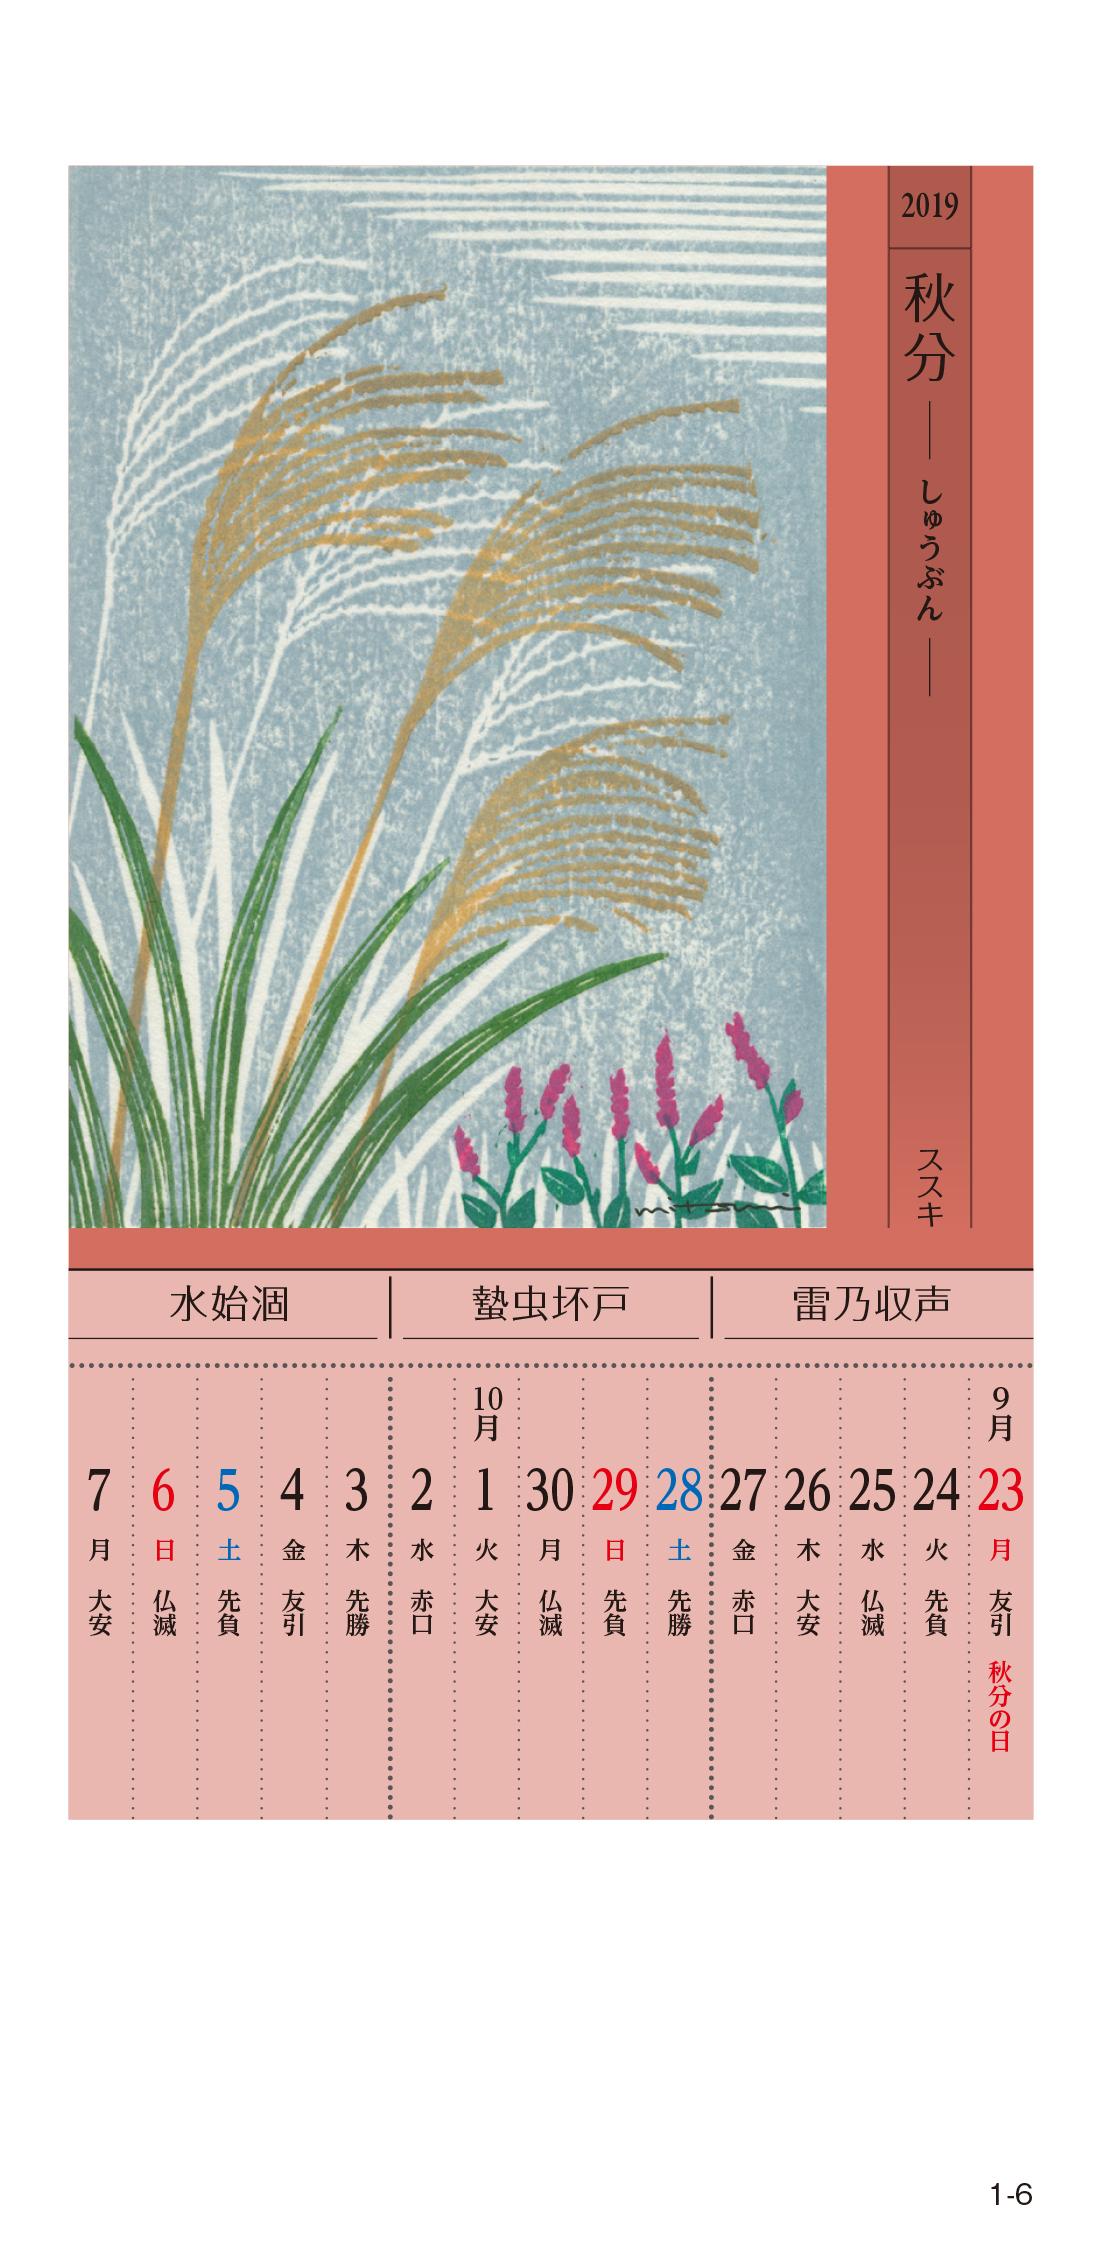 二十四節気 暦 カレンダー 2019